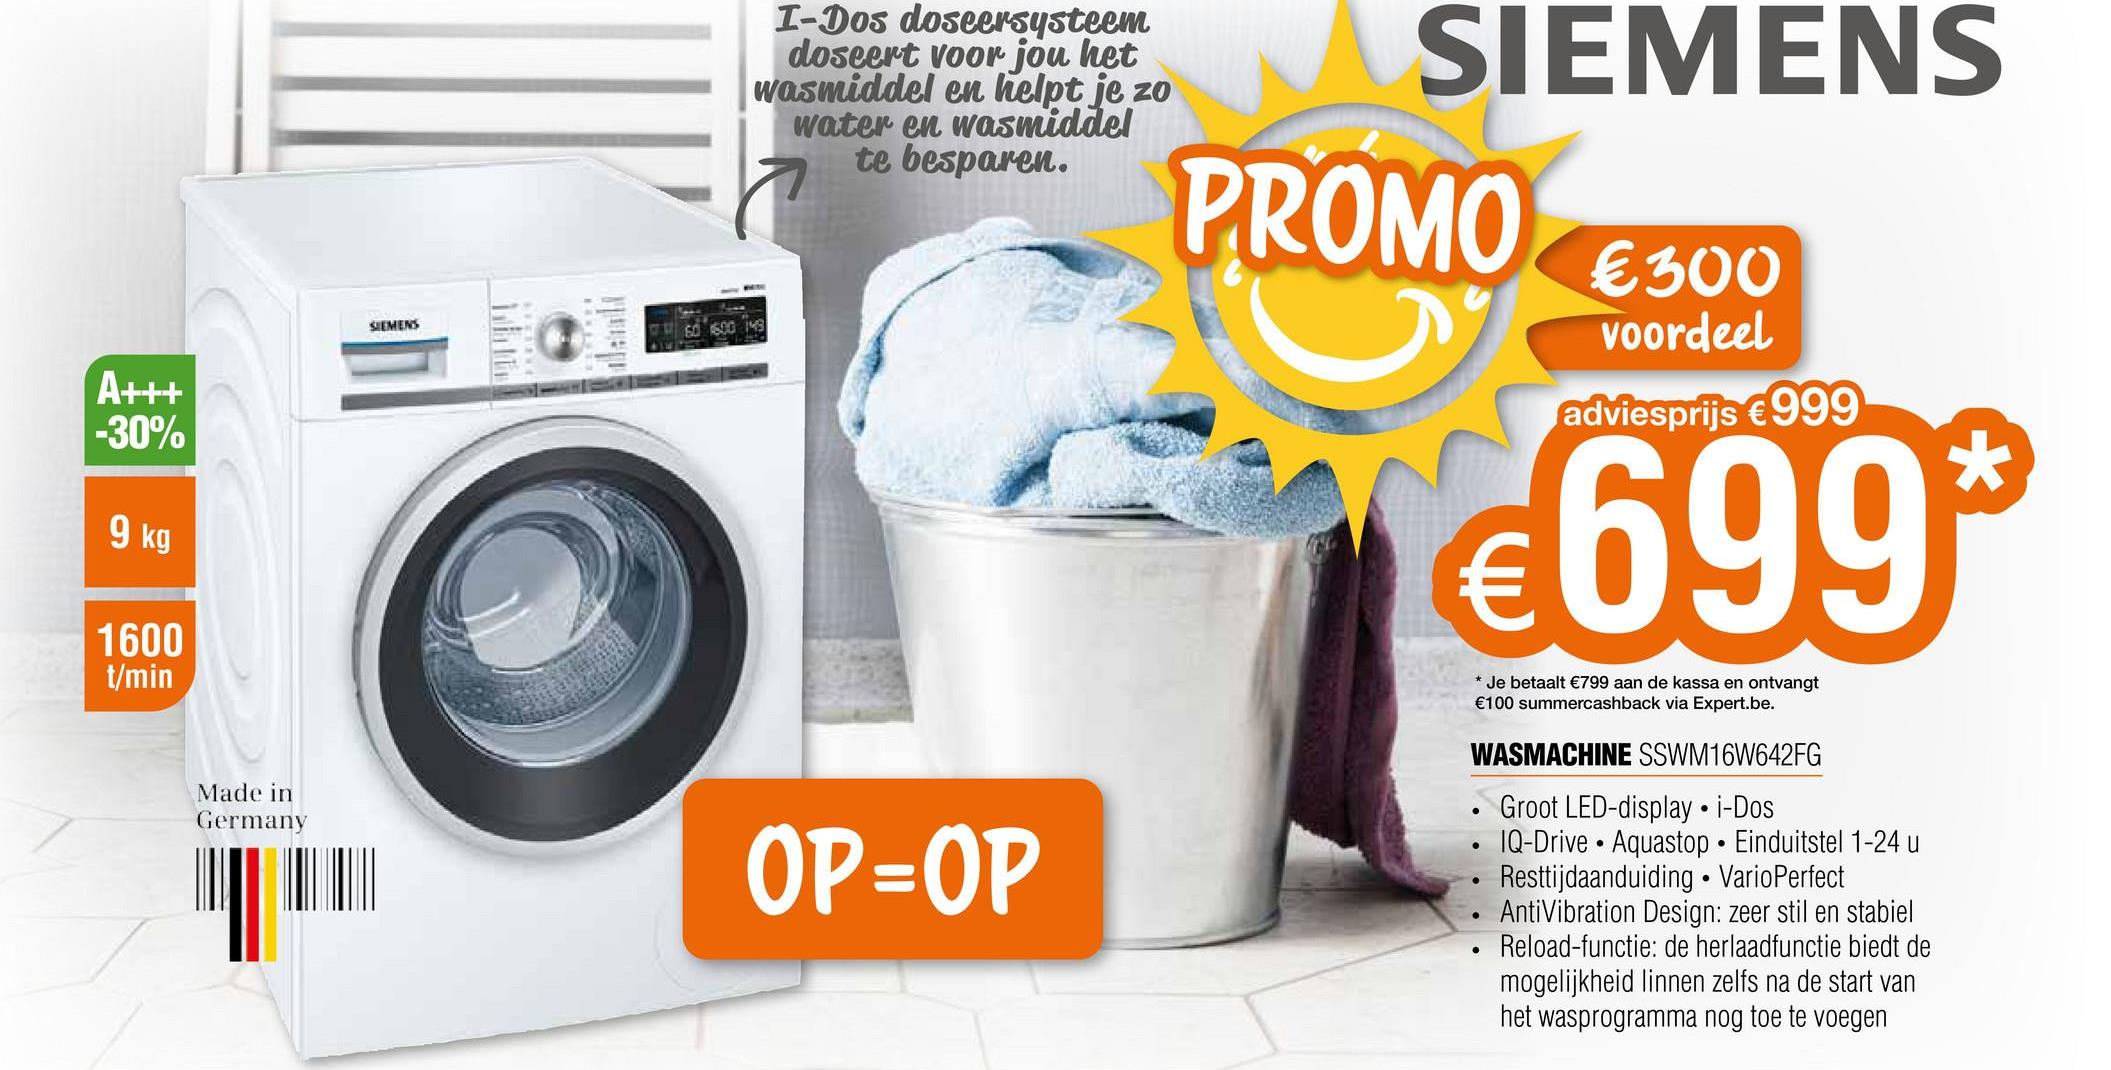 I-Dos doseersysteem doseert voor jou het wasmiddel en helpt je zo water en wasmiddel te besparen. SIEMENS PROMO €300 SIEMENS 60 300 A+++ -30% voordeel adviesprijs €999 * 9 kg €699 1600 t/min * Je betaalt €799 aan de kassa en ontvangt €100 summercashback via Expert.be. WASMACHINE SSWM16W642FG Made in Germany OP=OP Groot LED-display. i-Dos IQ-Drive · Aquastop. Einduitstel 1-24 u Resttijdaanduiding • VarioPerfect AntiVibration Design: zeer stil en stabiel Reload-functie: de herlaadfunctie biedt de mogelijkheid linnen zelfs na de start van het wasprogramma nog toe te voegen